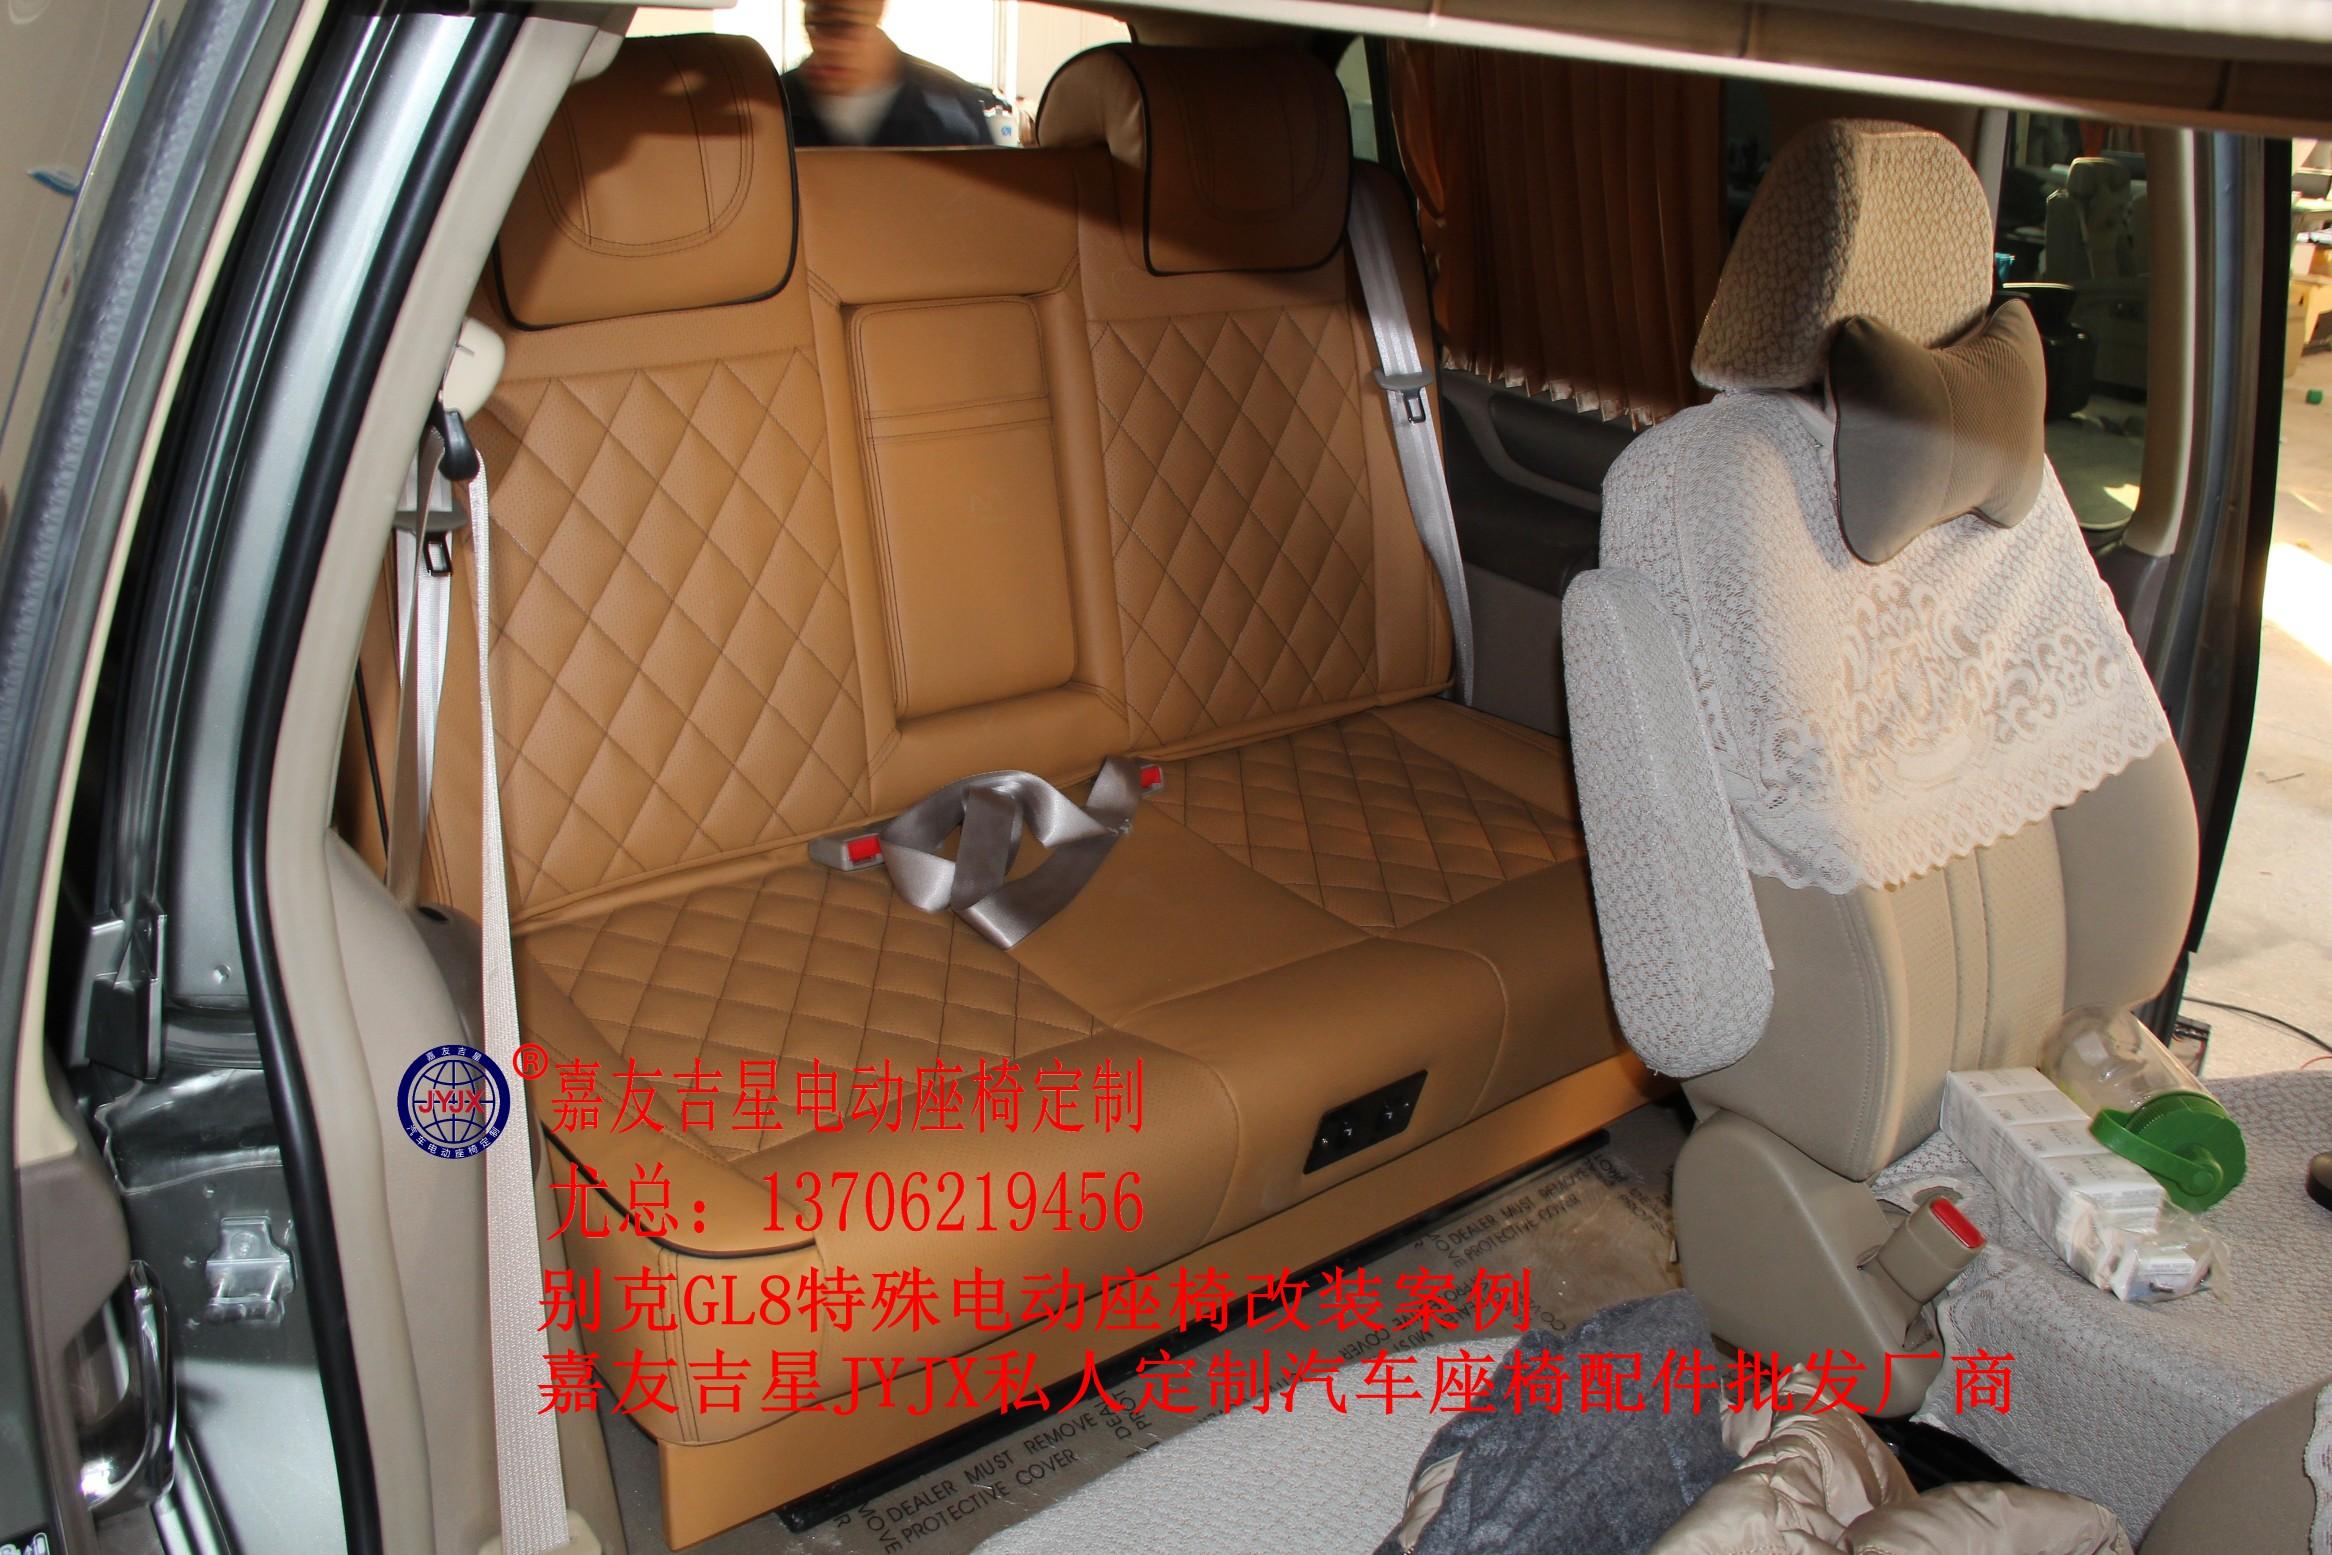 昆山别克GL8特殊电动座椅改装 后排改造沙发床 座椅整套配件批发高清图片